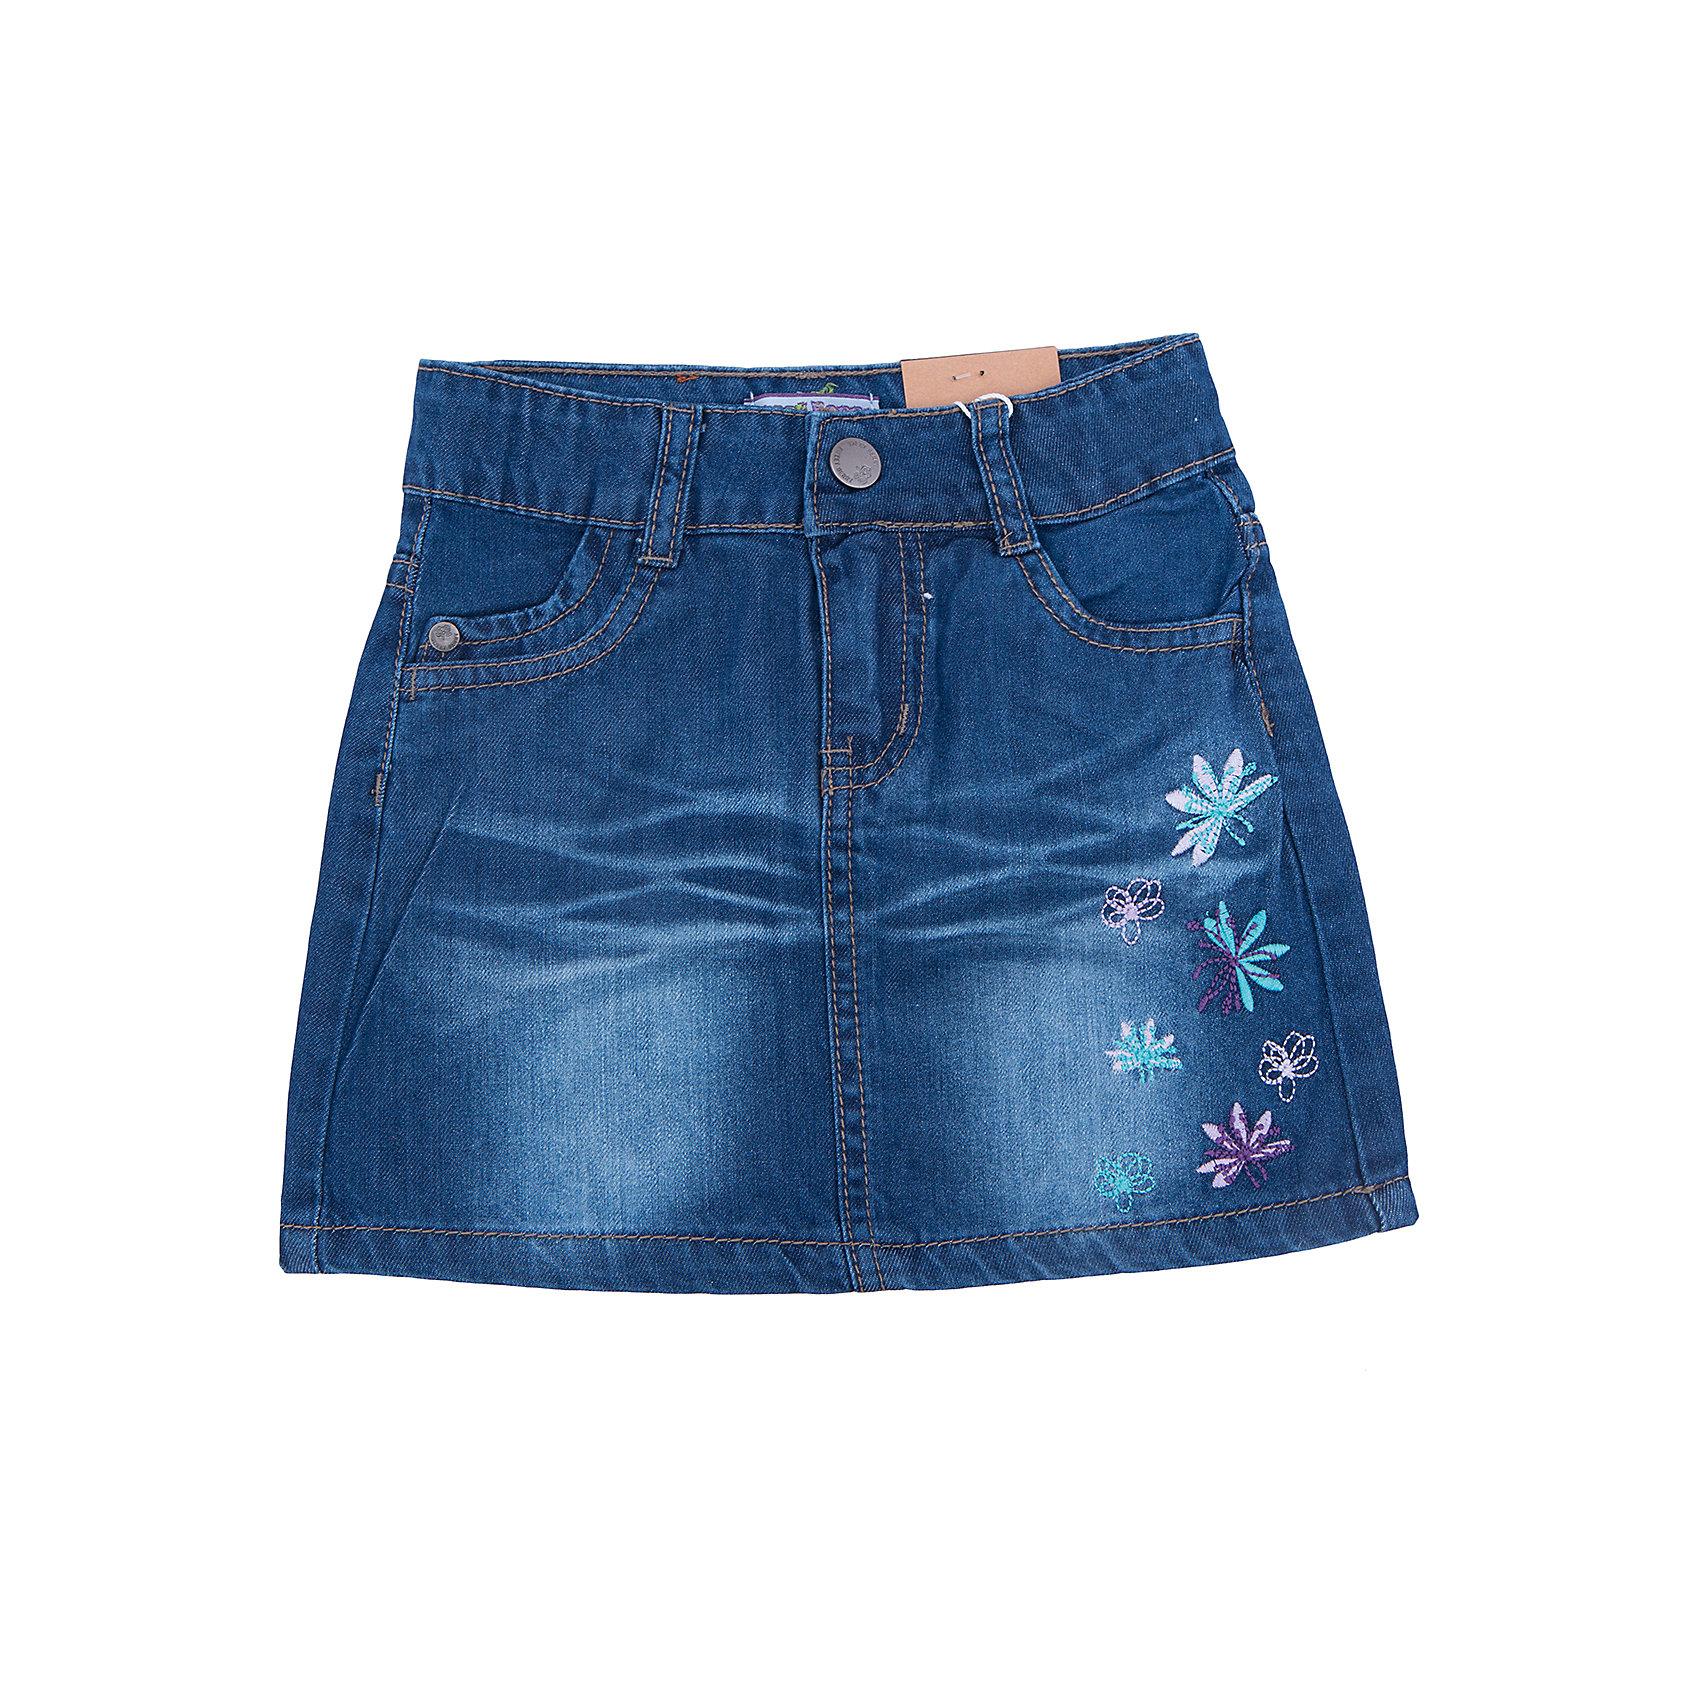 Юбка джинсовая для девочки Sweet BerryДжинсовая одежда<br>Джинсовый материал уже далеко не один сезон уверенно держится на модных мировых подиумах. Джинсовая юбка – практичная и удобная вещь для девочек. В ней можно пойти в школу, в гости и на прогулку. Универсальный силуэт прямого кроя позволит создать множество стильных образов в прохладное время года. Потертости добавляют ткани шарма, а оригинальная вышивка на боку юбки – уникальности и необычности вещи. Материалы, использованные при изготовлении одежды, полностью безопасны для детей и отвечают всем требованиям по качеству продукции данной категории.<br><br>Дополнительная информация: <br><br>декорирована вышивкой;<br>прямой силуэт;<br>цвет: синий;<br>материал: натуральный хлопок 100%.<br><br>Юбку для девочки от компании Sweet Berry можно приобрести в нашем магазине.<br><br>Ширина мм: 207<br>Глубина мм: 10<br>Высота мм: 189<br>Вес г: 183<br>Цвет: синий<br>Возраст от месяцев: 24<br>Возраст до месяцев: 36<br>Пол: Женский<br>Возраст: Детский<br>Размер: 98,122,128,104,110,116<br>SKU: 4931729